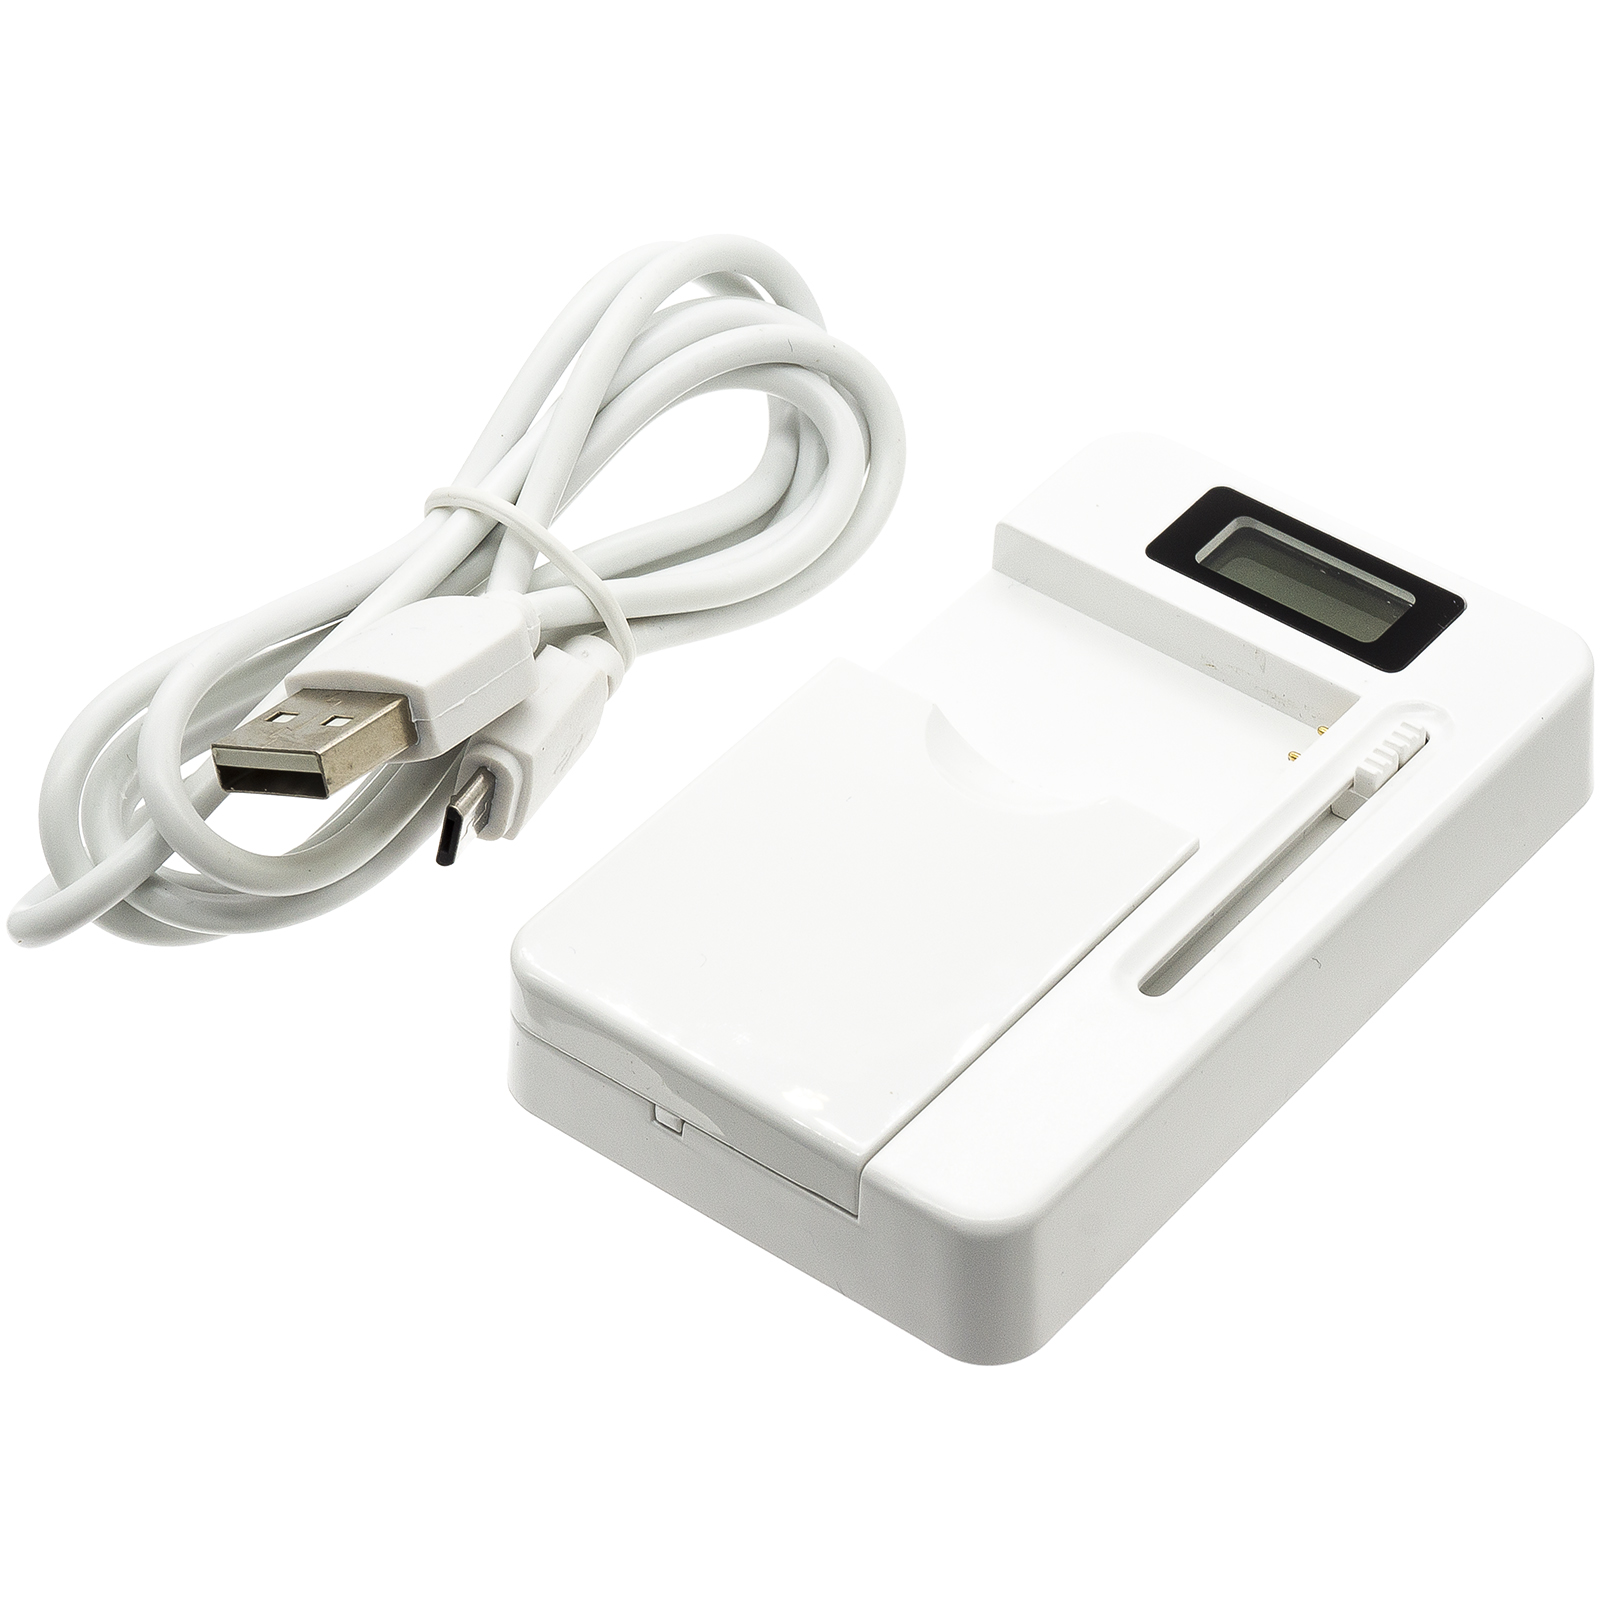 Cameron Sino stolní usb nabíječky pro CANON Digital IXUS 950 IS bílá - neoriginální